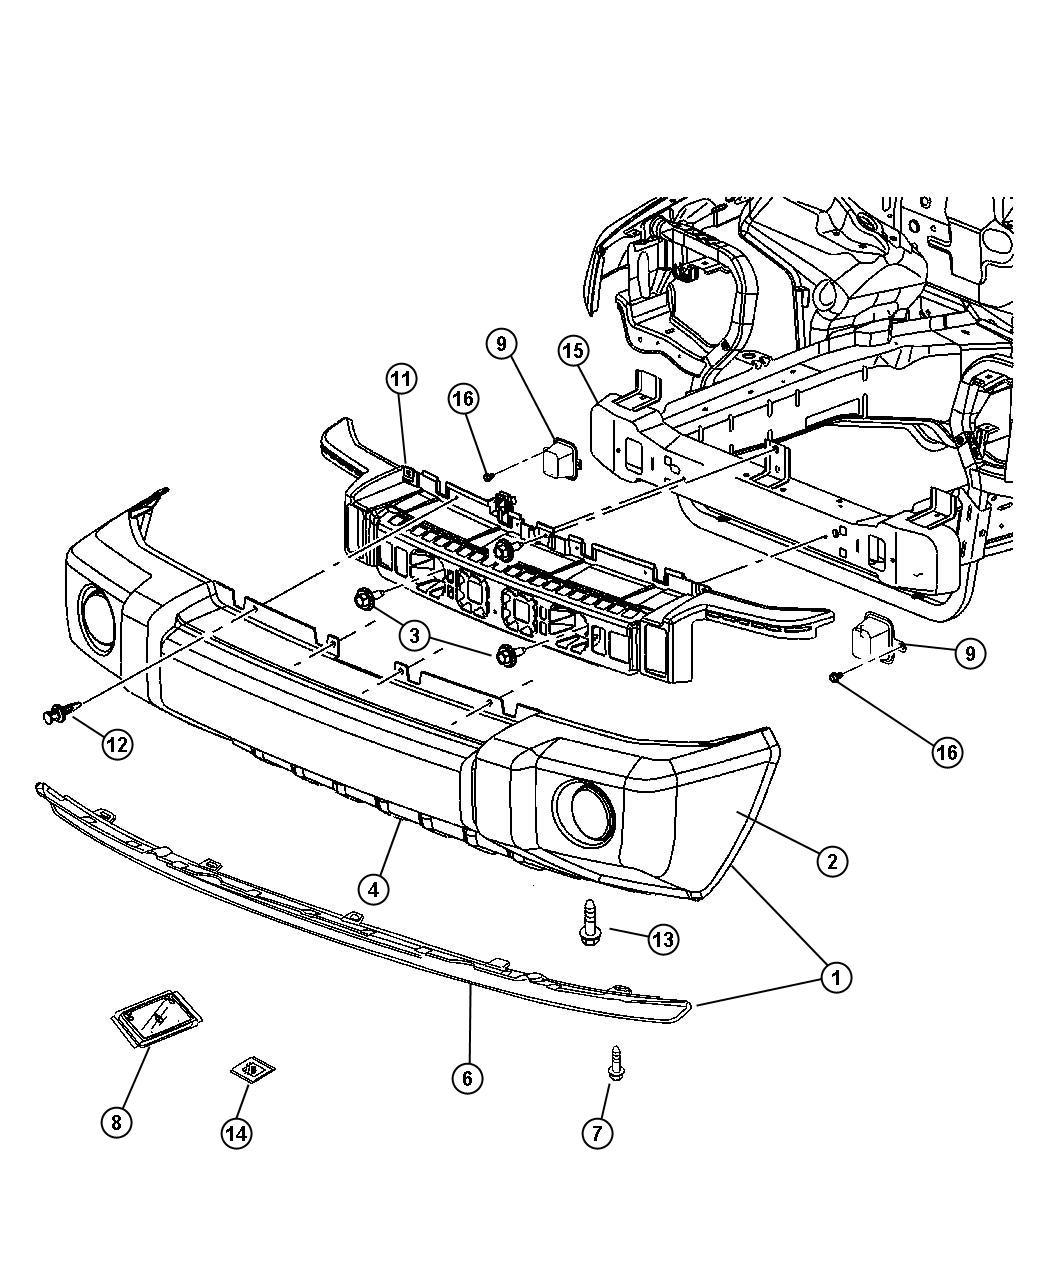 [SCHEMATICS_4FR]  Toyota Tundra Front Suspension Diagram   2002 Toyota Tundra Wiring Diagram      Toyota 4 Runner - blogger